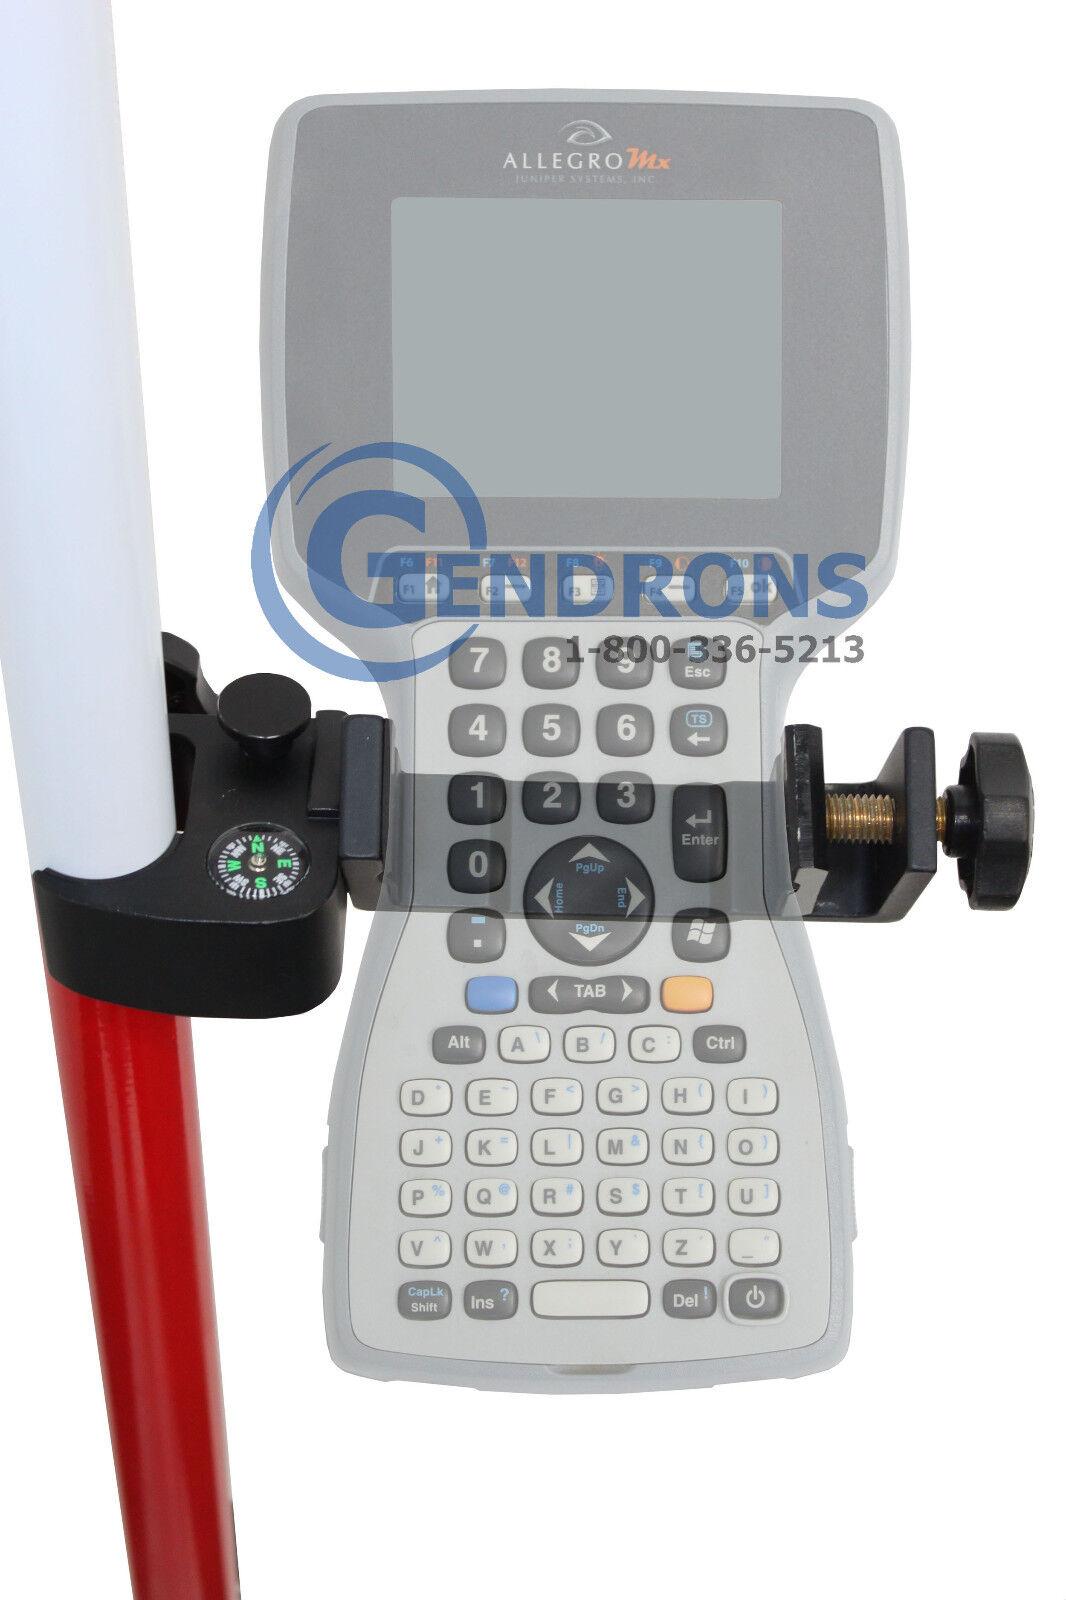 ALLEGRO DATA COLLECTOR BRACKET, CARLSON, SURVEYING, CE, CX, MX, LEICA